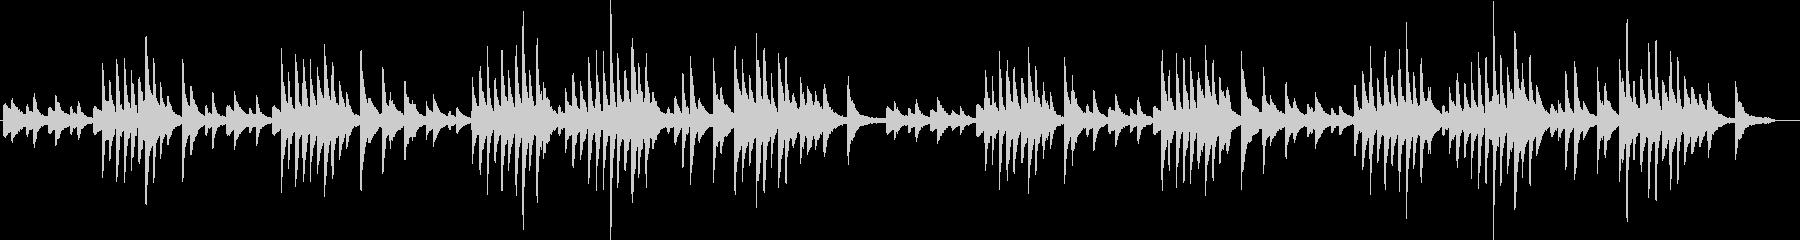 エリックサティの代表作ジムノペティ第一番の未再生の波形